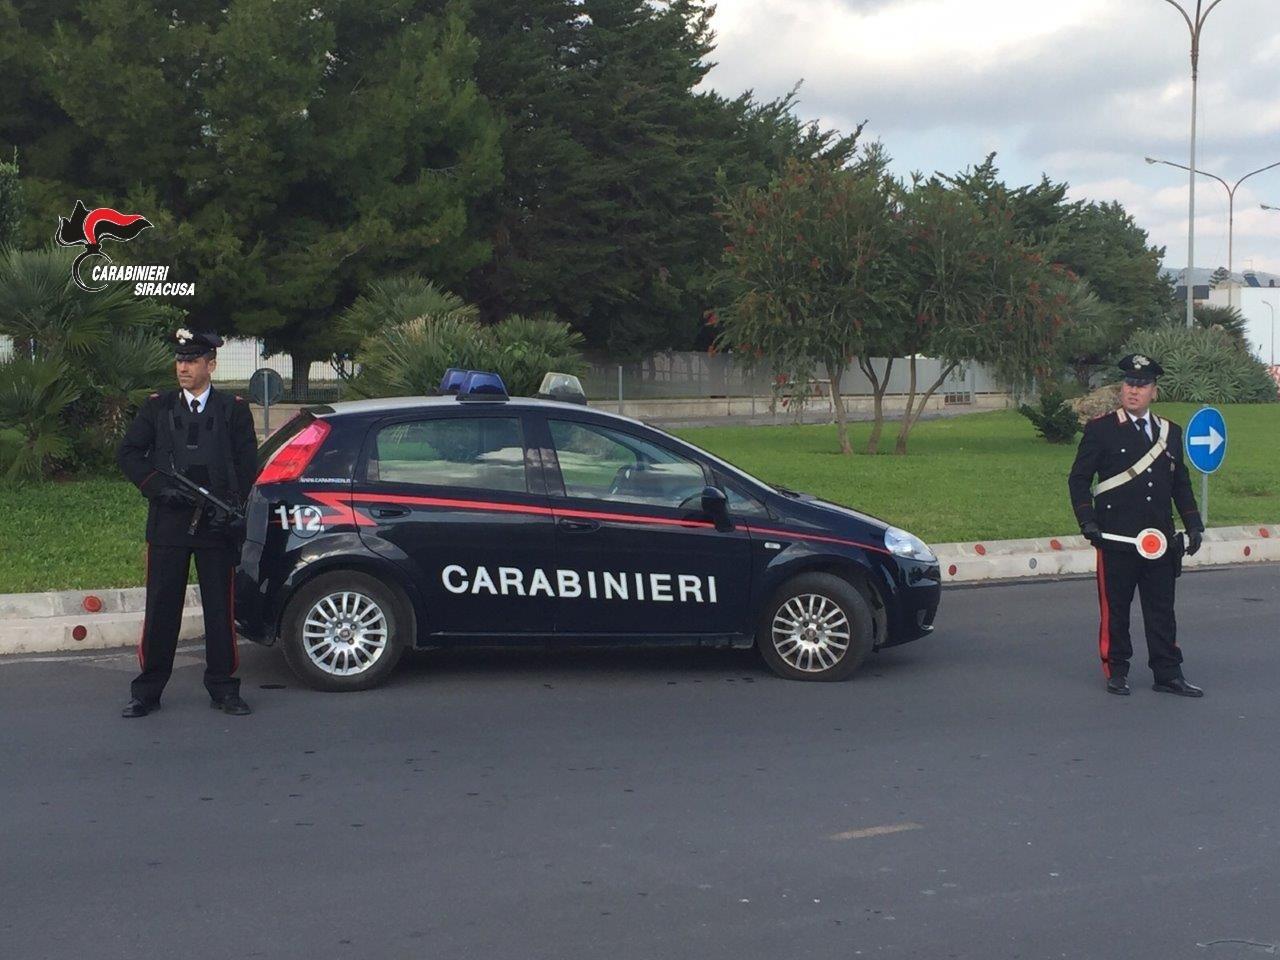 Buscemi, i carabinieri denunciano un uomo per macellazione clandestina